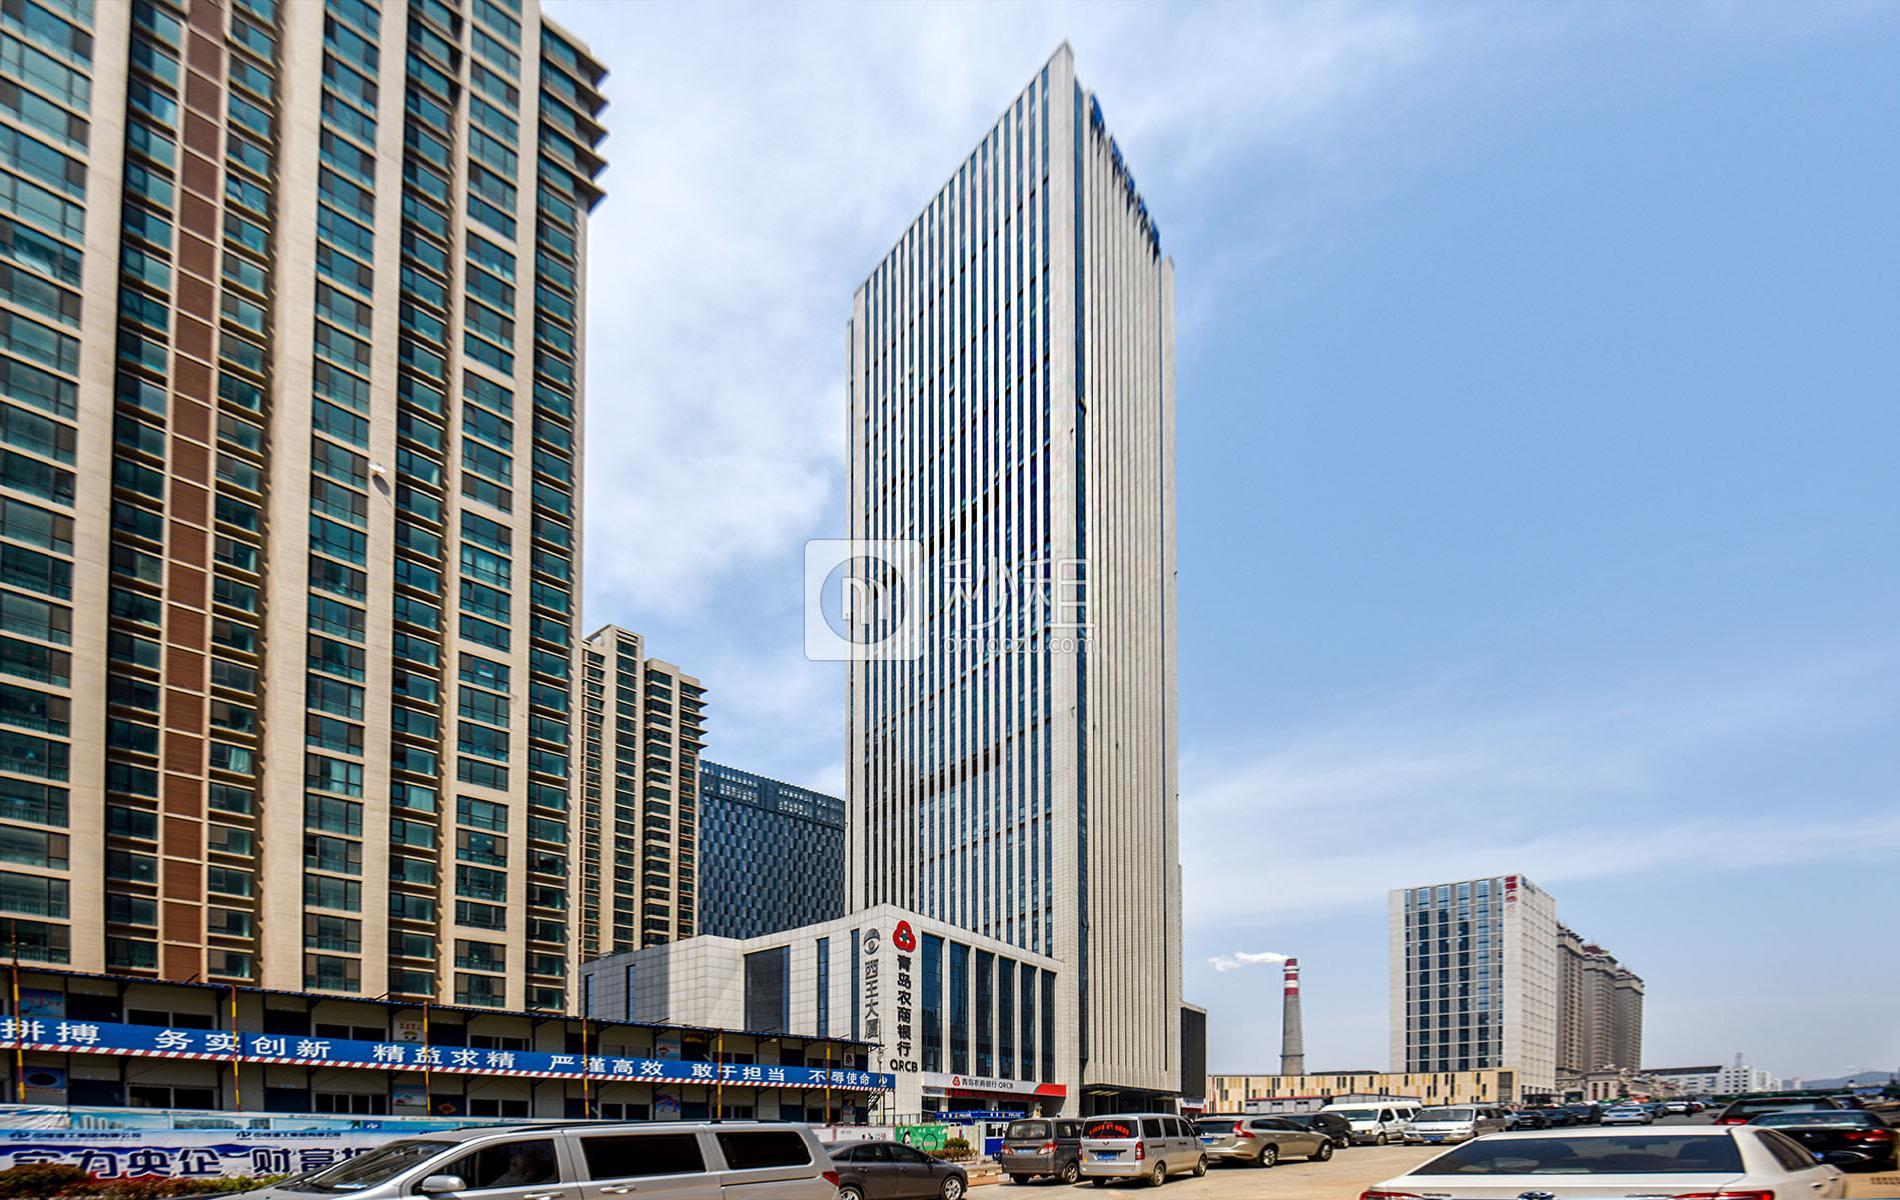 西王大厦写字楼出租/招租/租赁,西王大厦办公室出租/招租/租赁